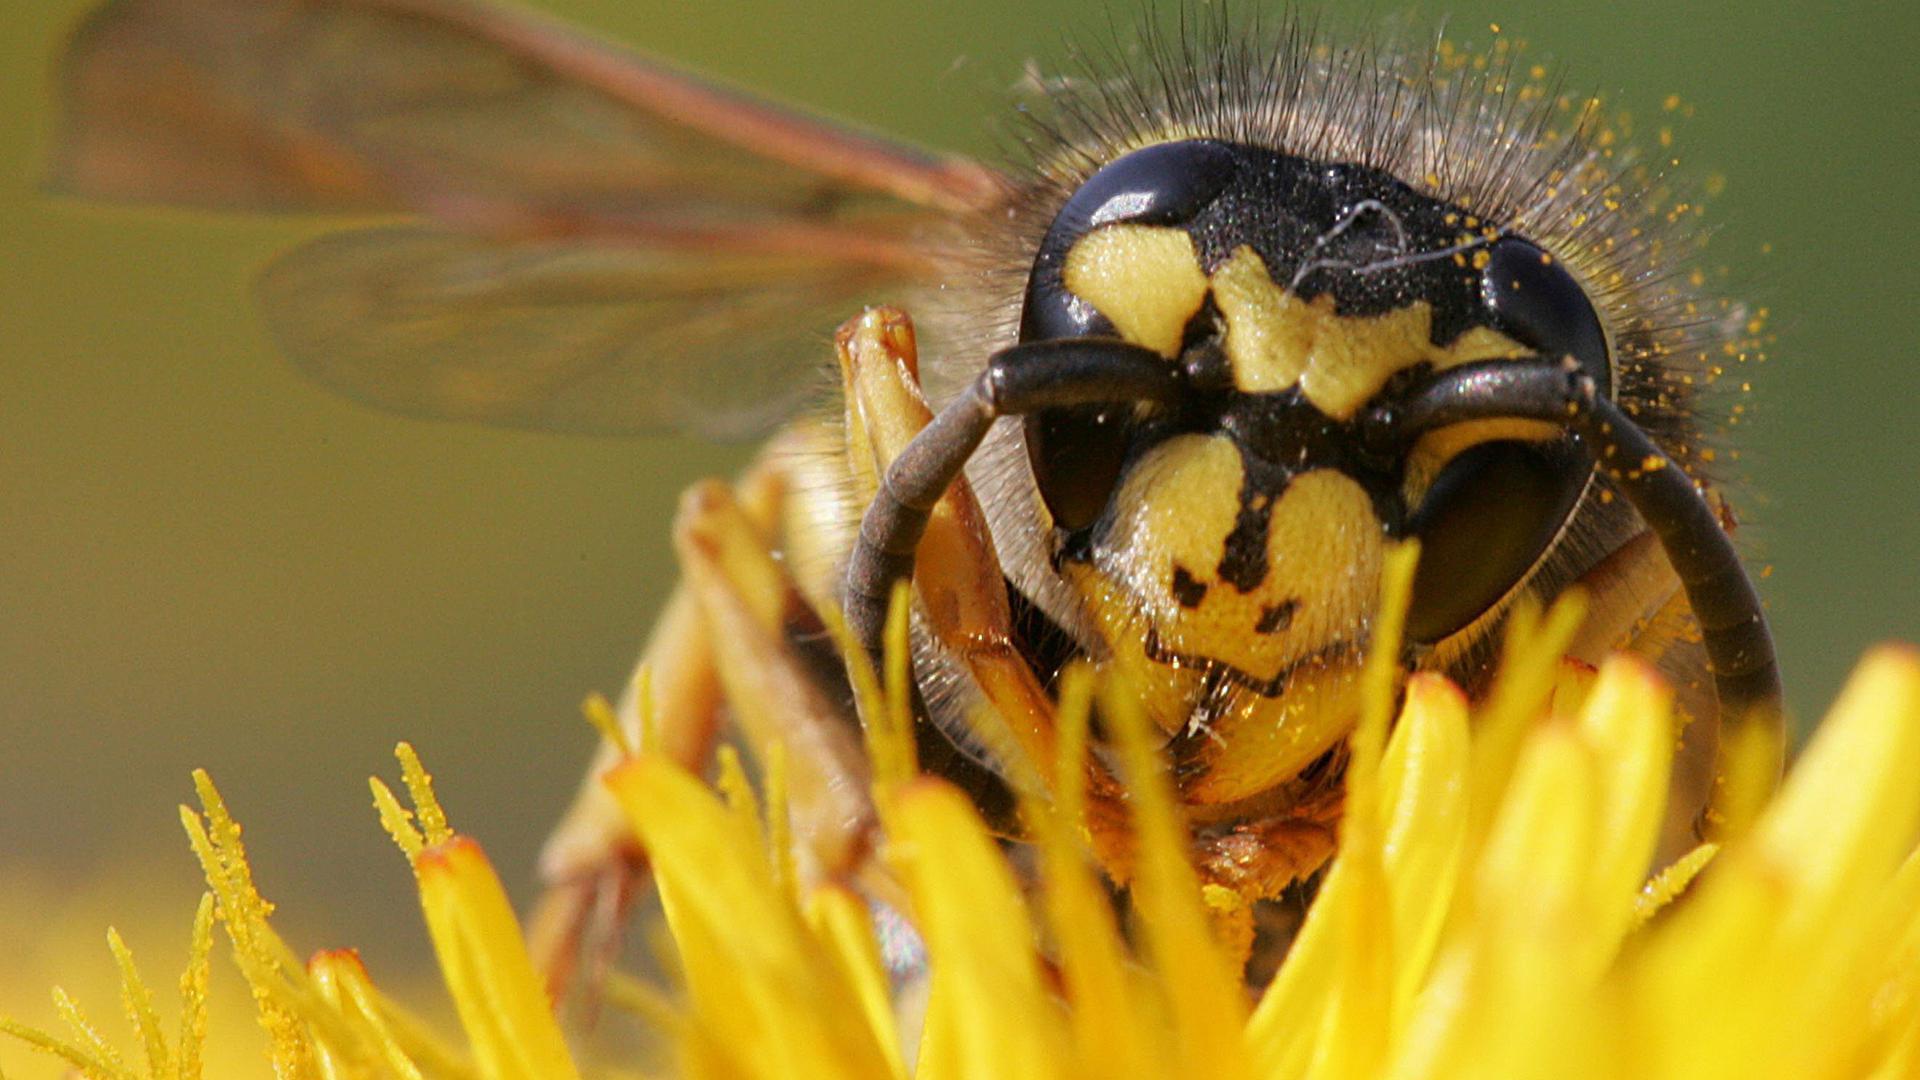 Um das Fest geprellt: Wespen lassen das Oechsle-Fest normalerweise nicht aus. In diesem Jahr bleibt ihnen wegen Corona keine andere Wahl.